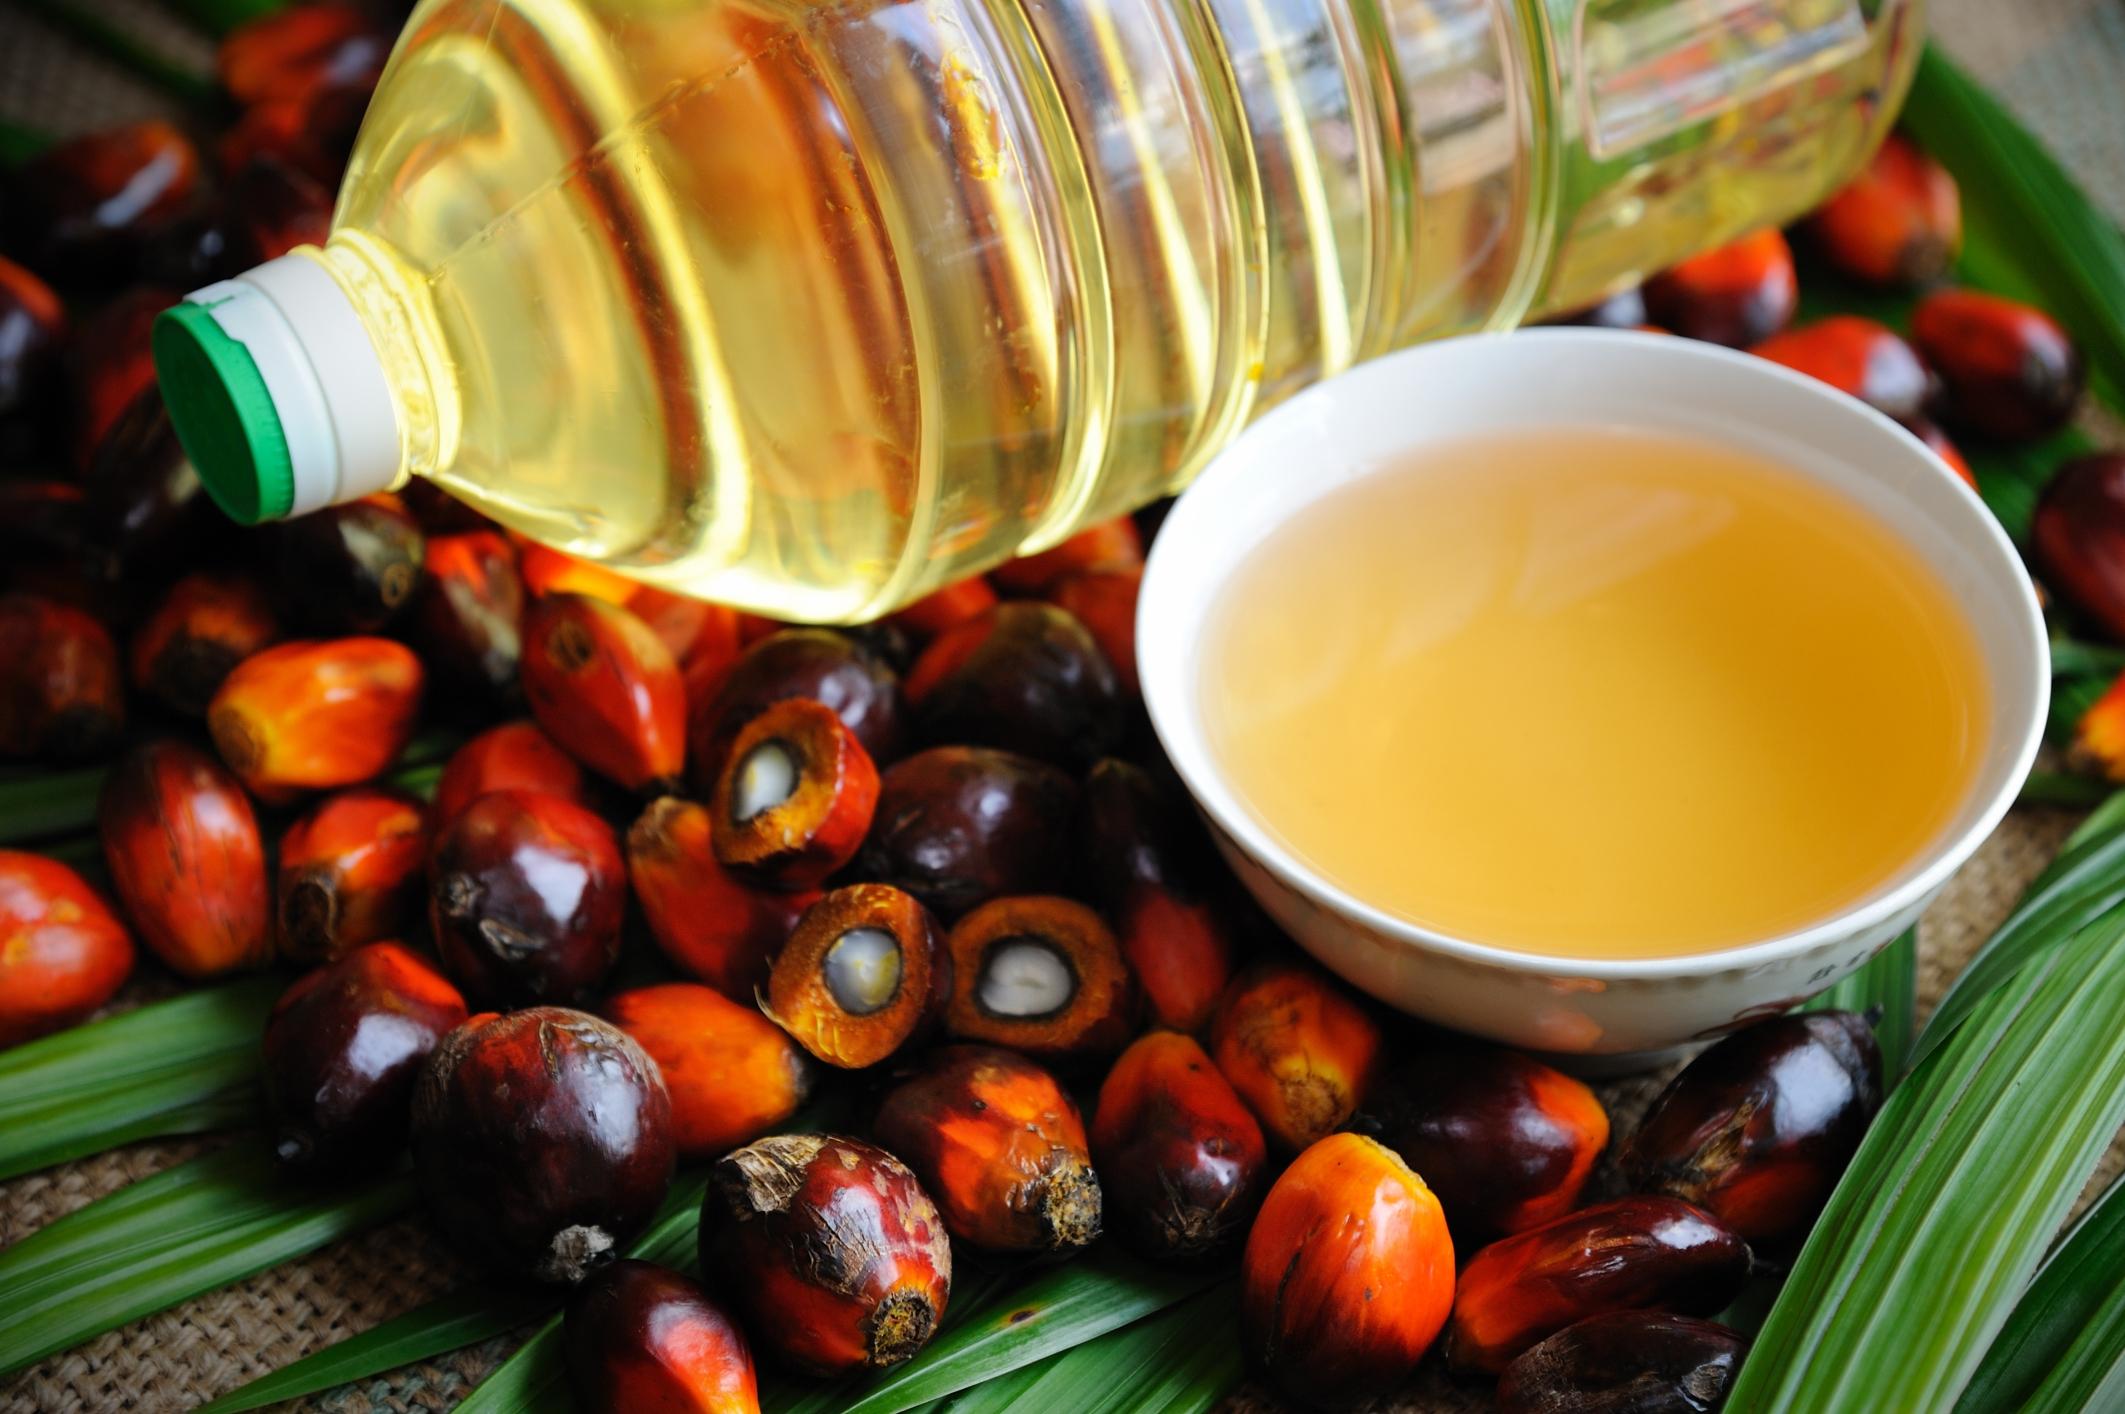 Palm Yağı Nedir? Sağlığımıza Zararları Nelerdir?